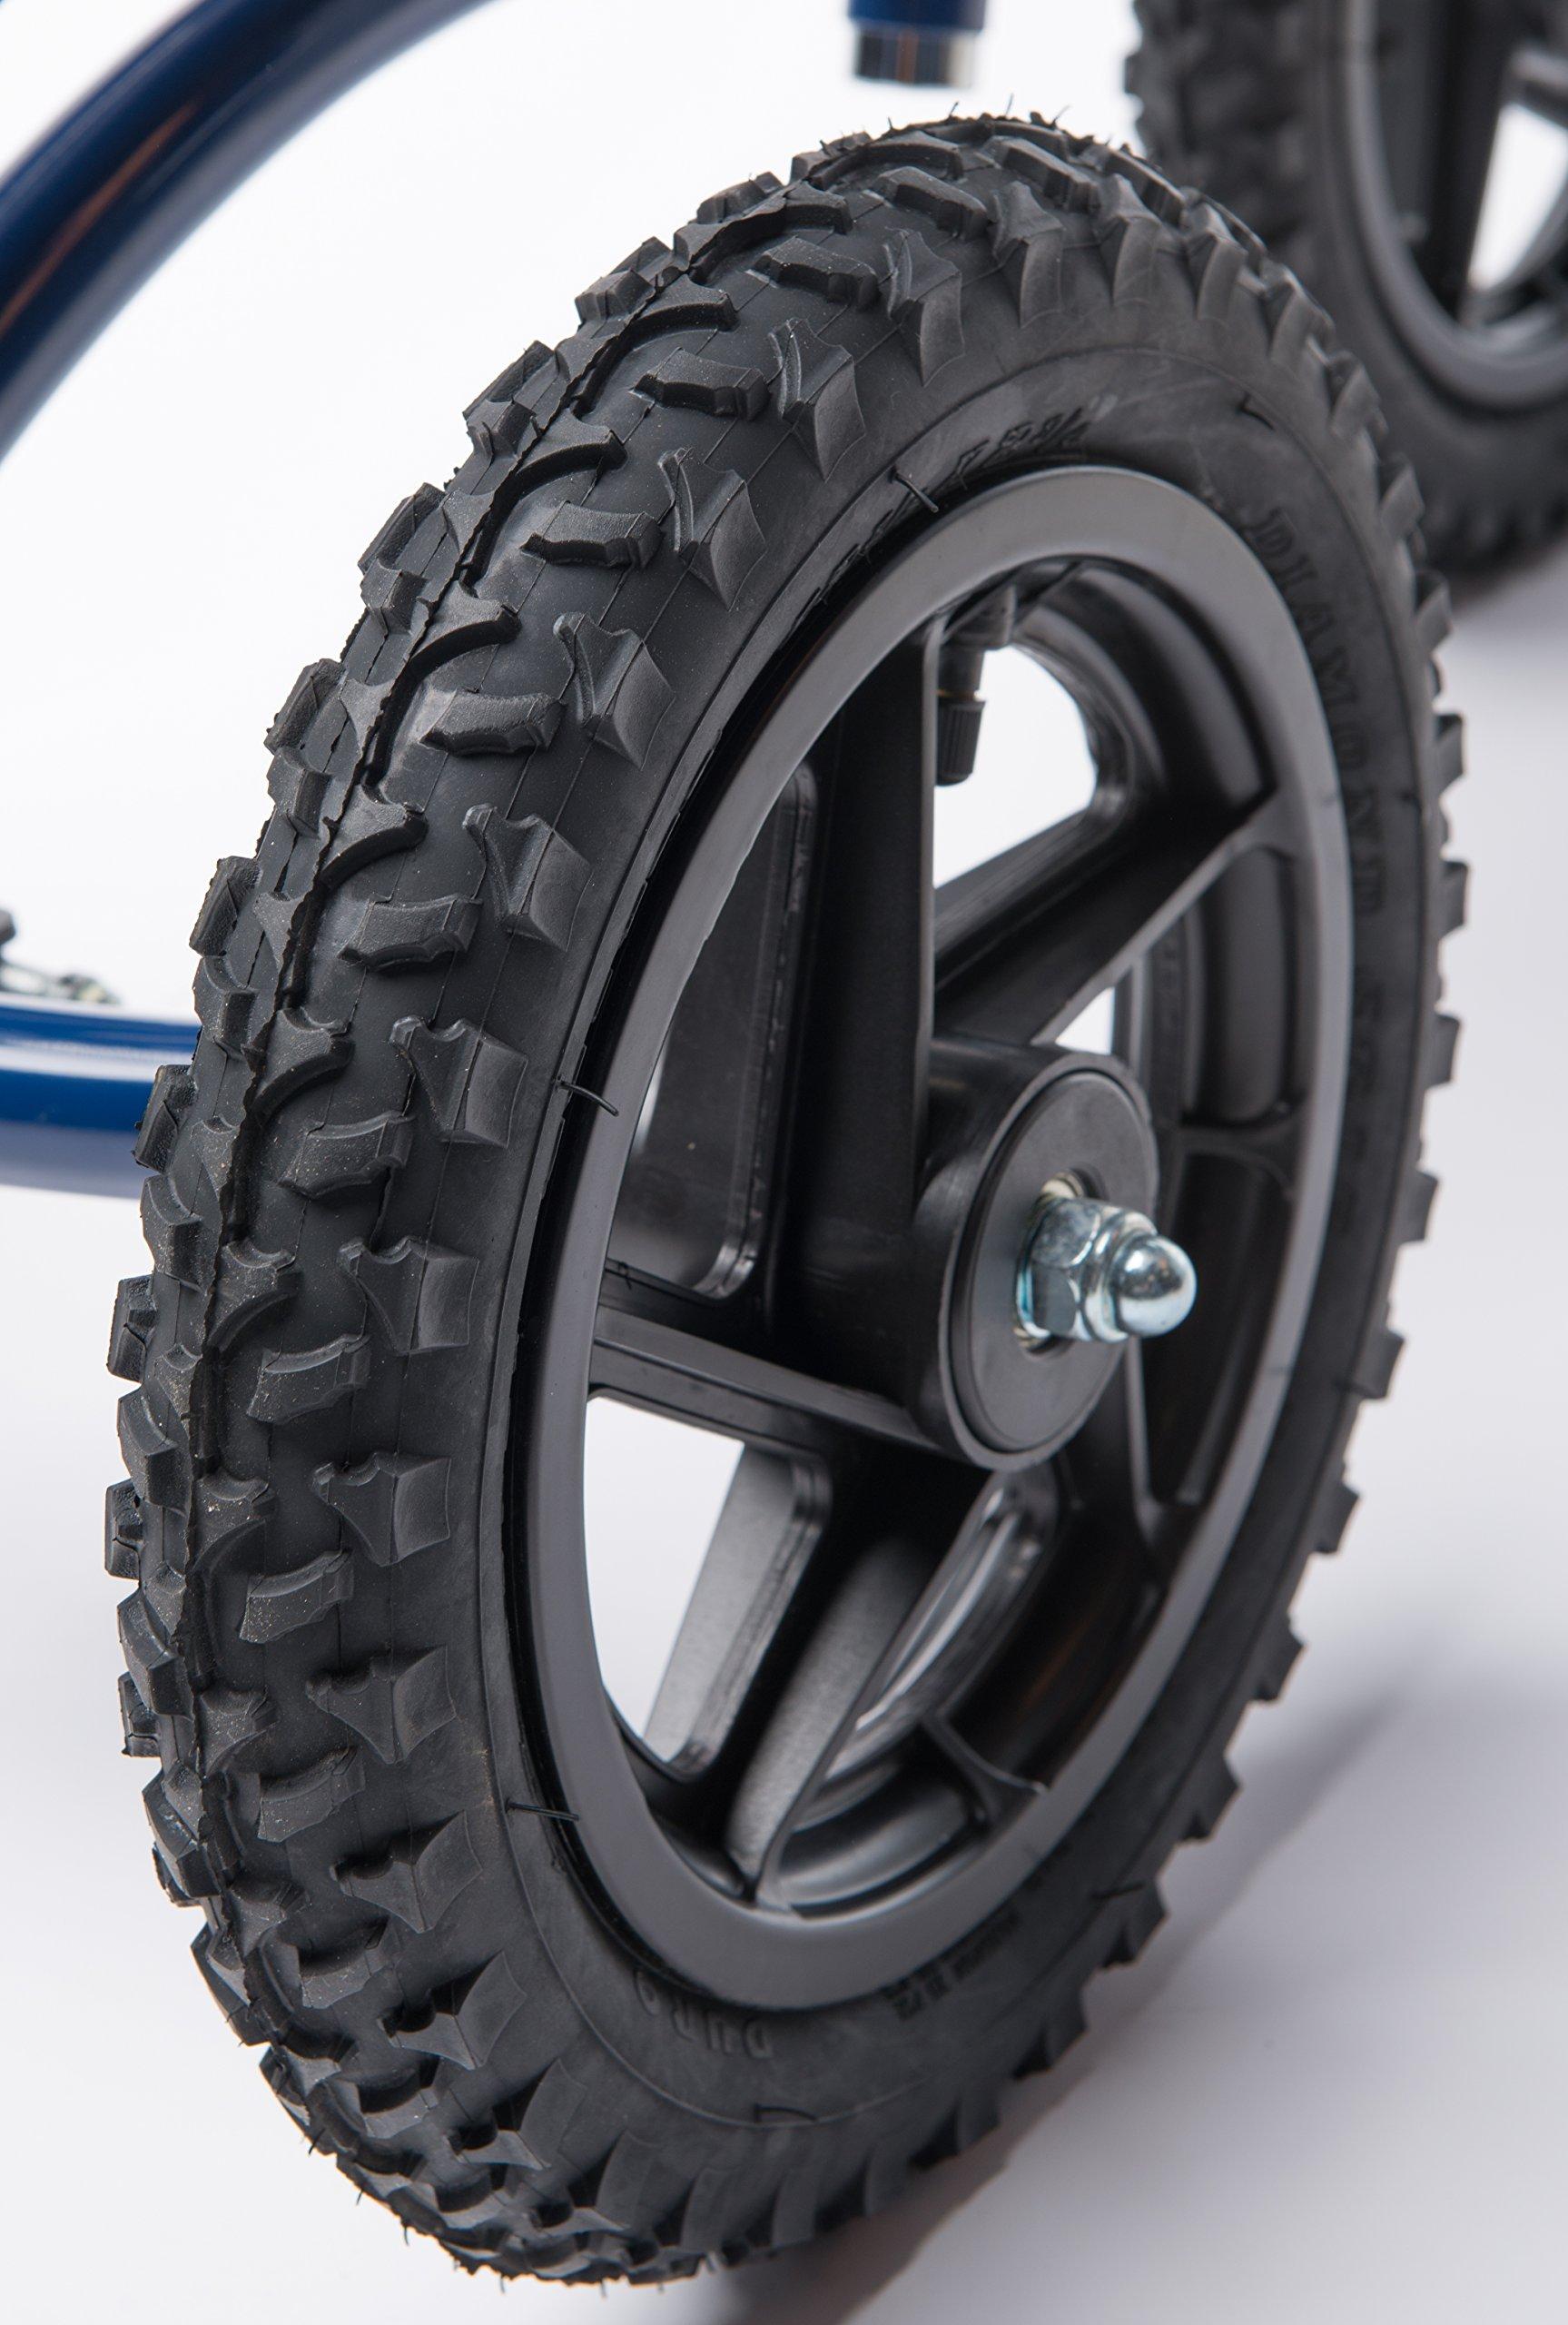 KneeRover 12 inch Replacement Pneumatic Wheel for All Terrain KneeRover Knee Walker by KneeRover